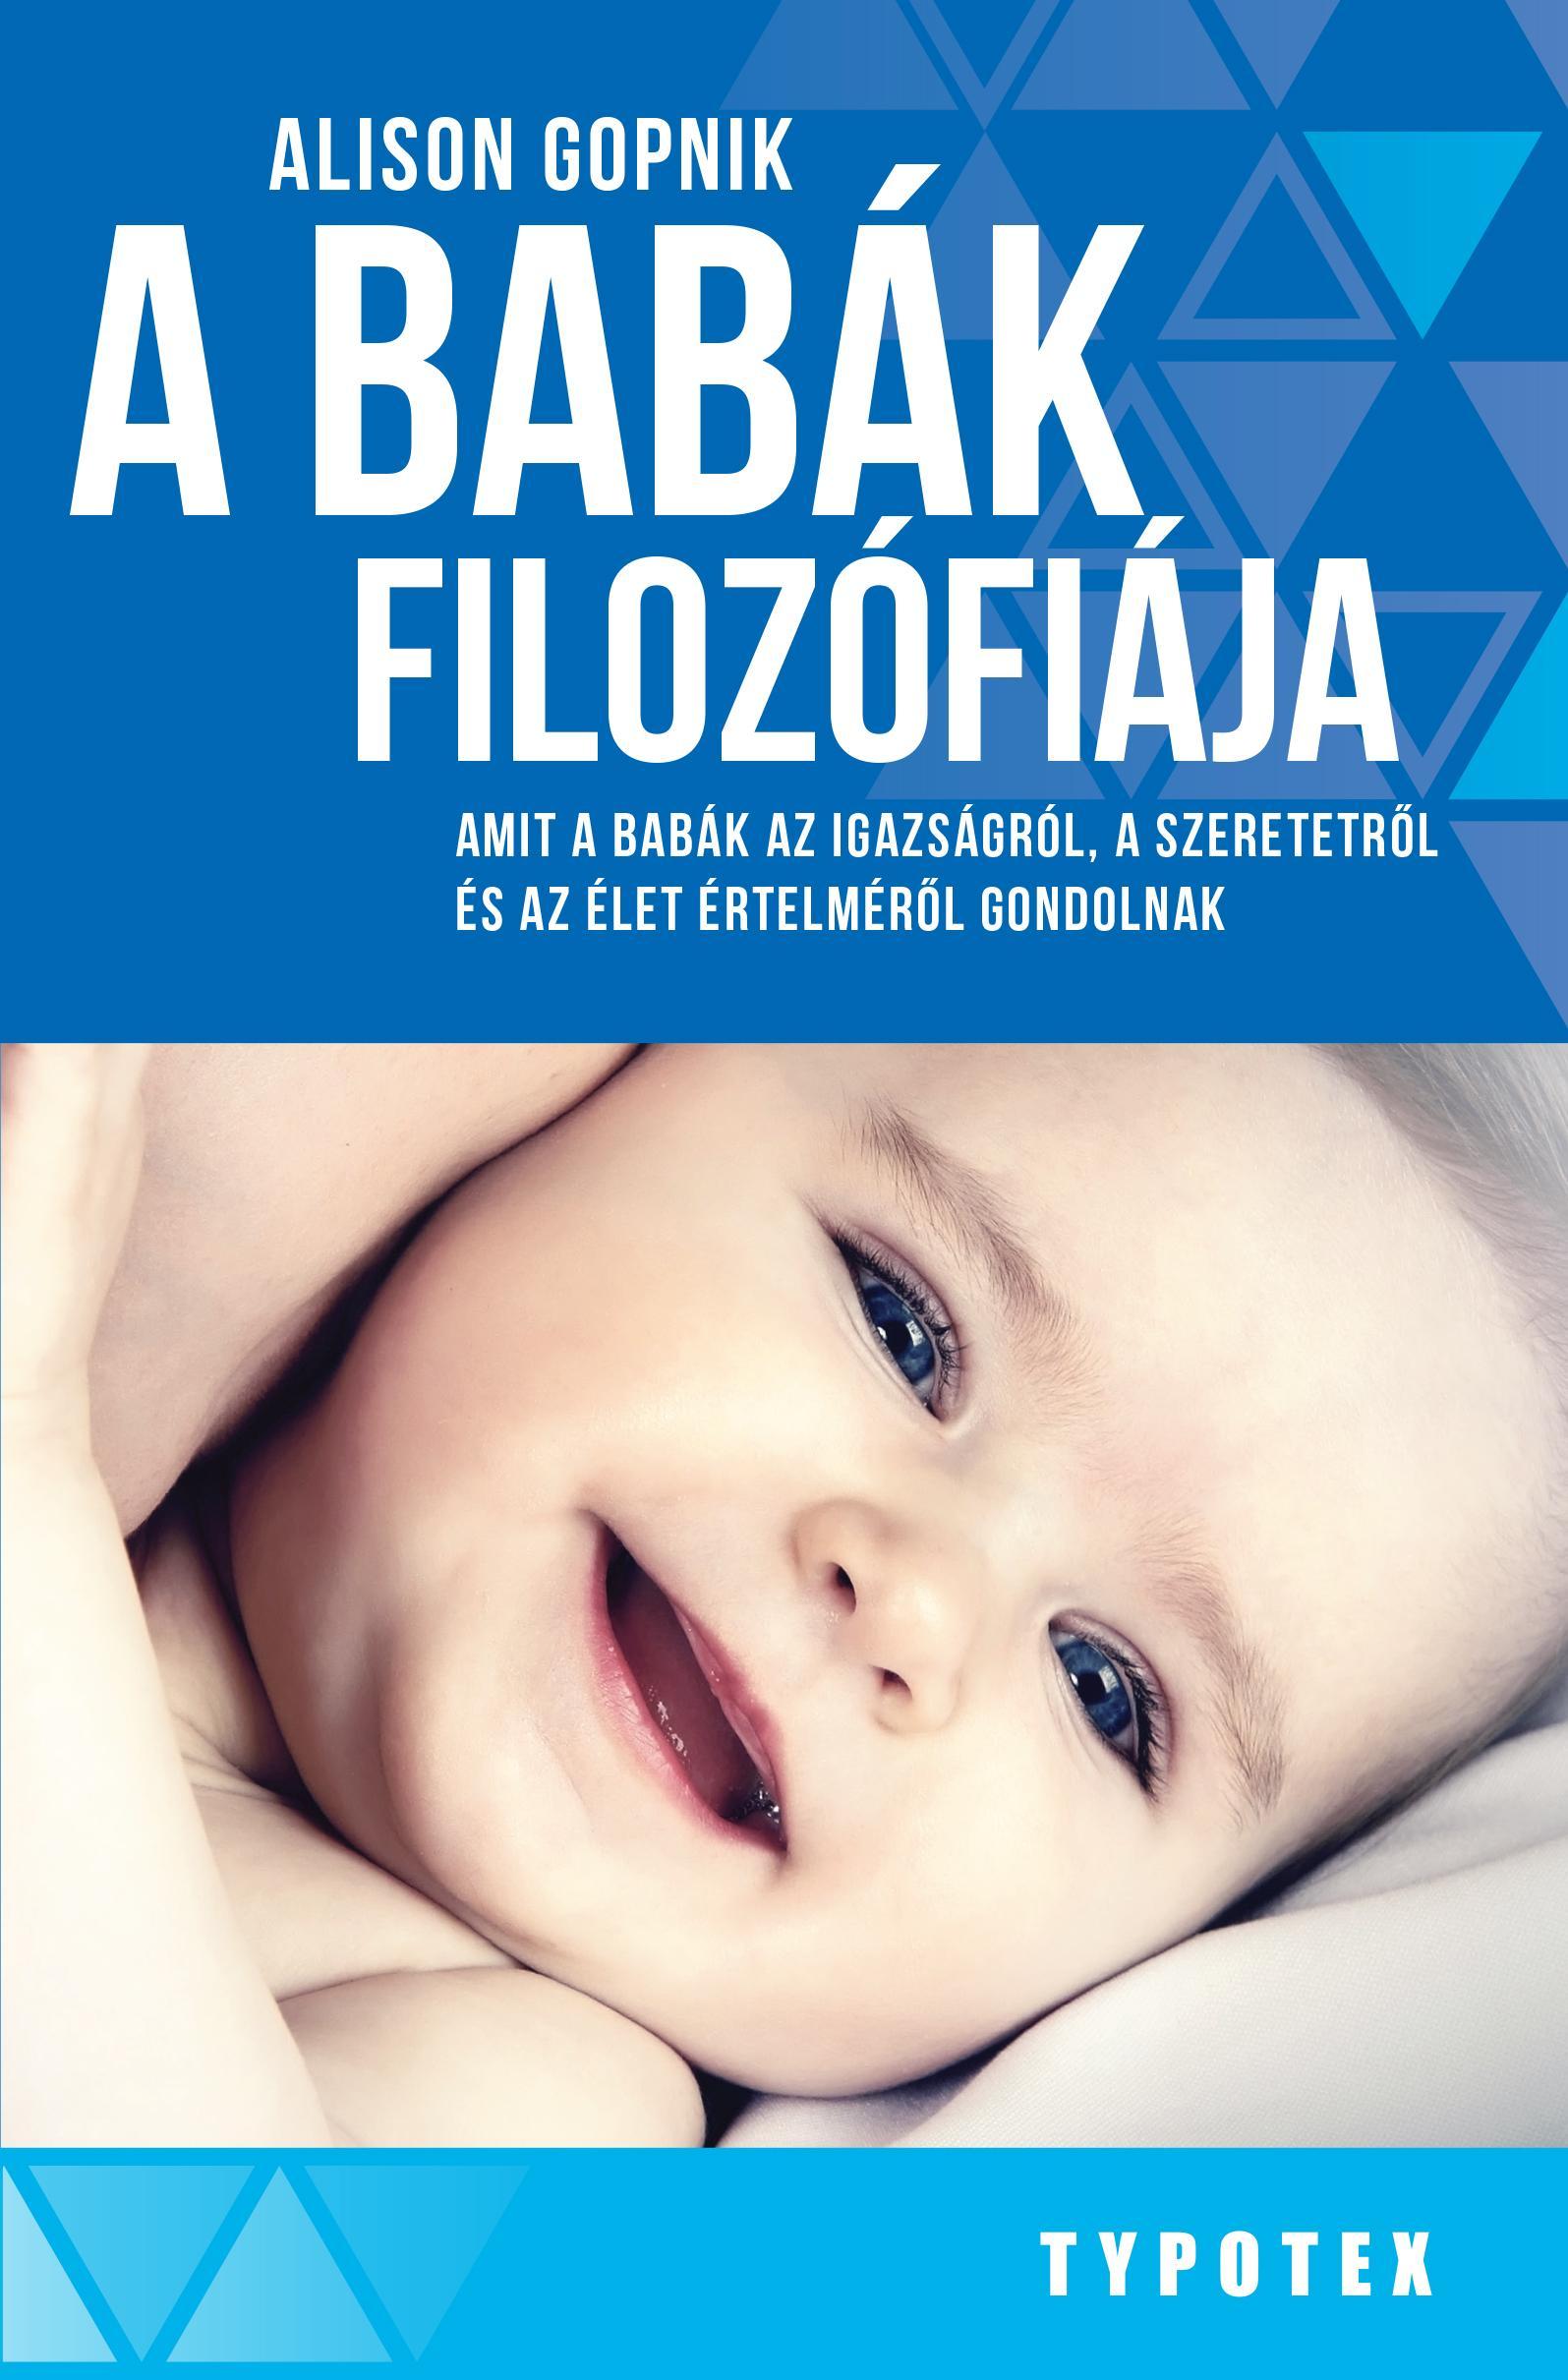 A BABÁK FILOZÓFIÁJA - AMIT A BABÁK AZ IGAZSÁGRÓL, A SZERETETRÕL ÉS AZ ÉLET ÉRTEL